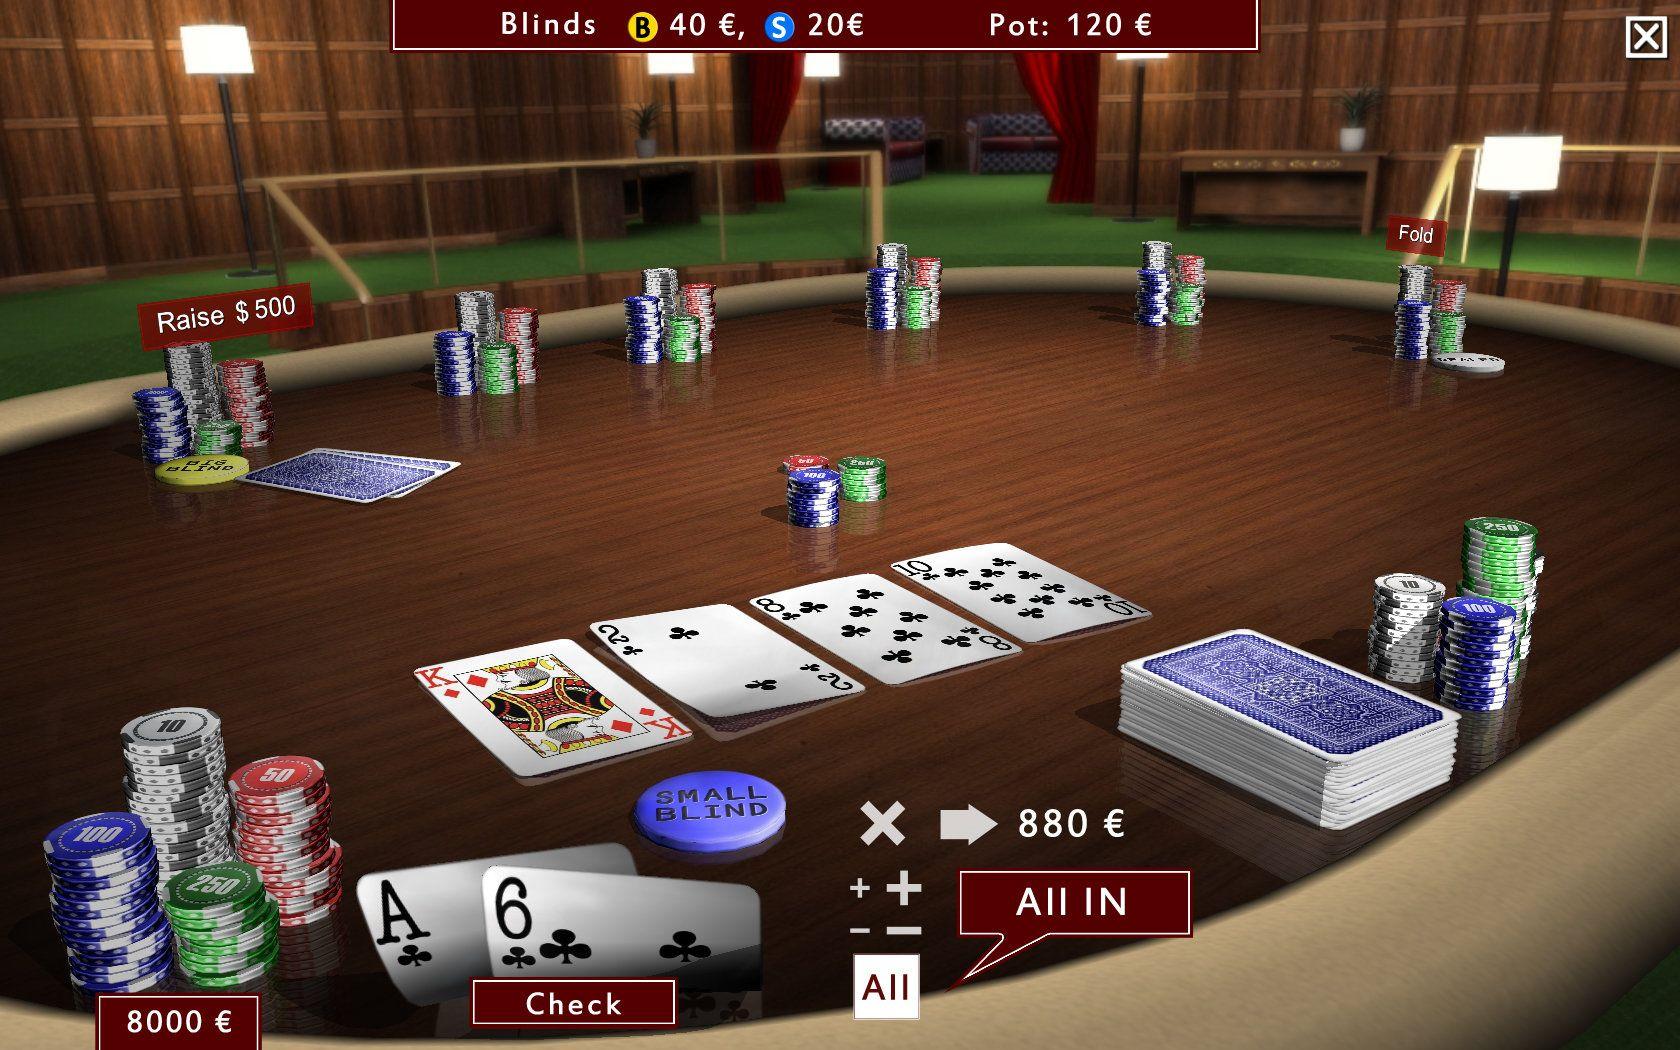 Jogar em cassino 231438